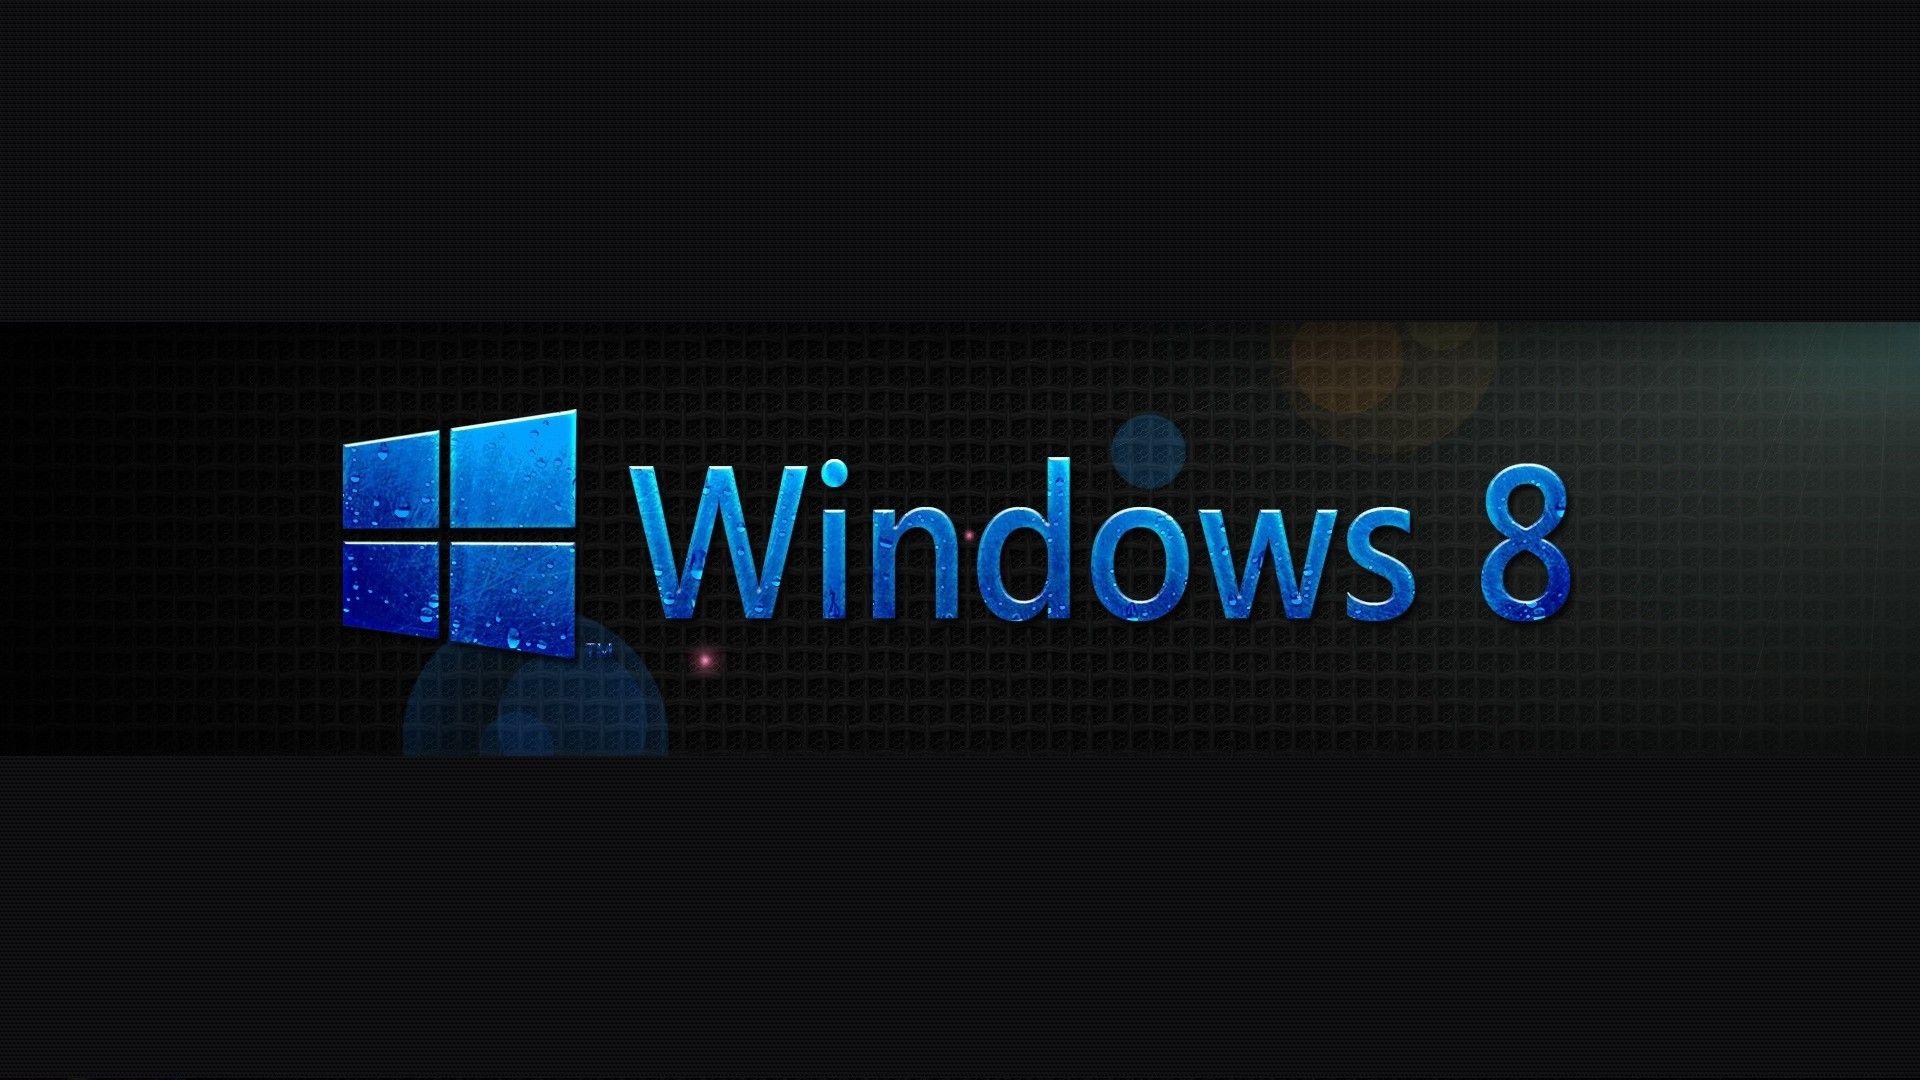 Windows 8 1920x1080 Via Www Allwallpaper In Auto